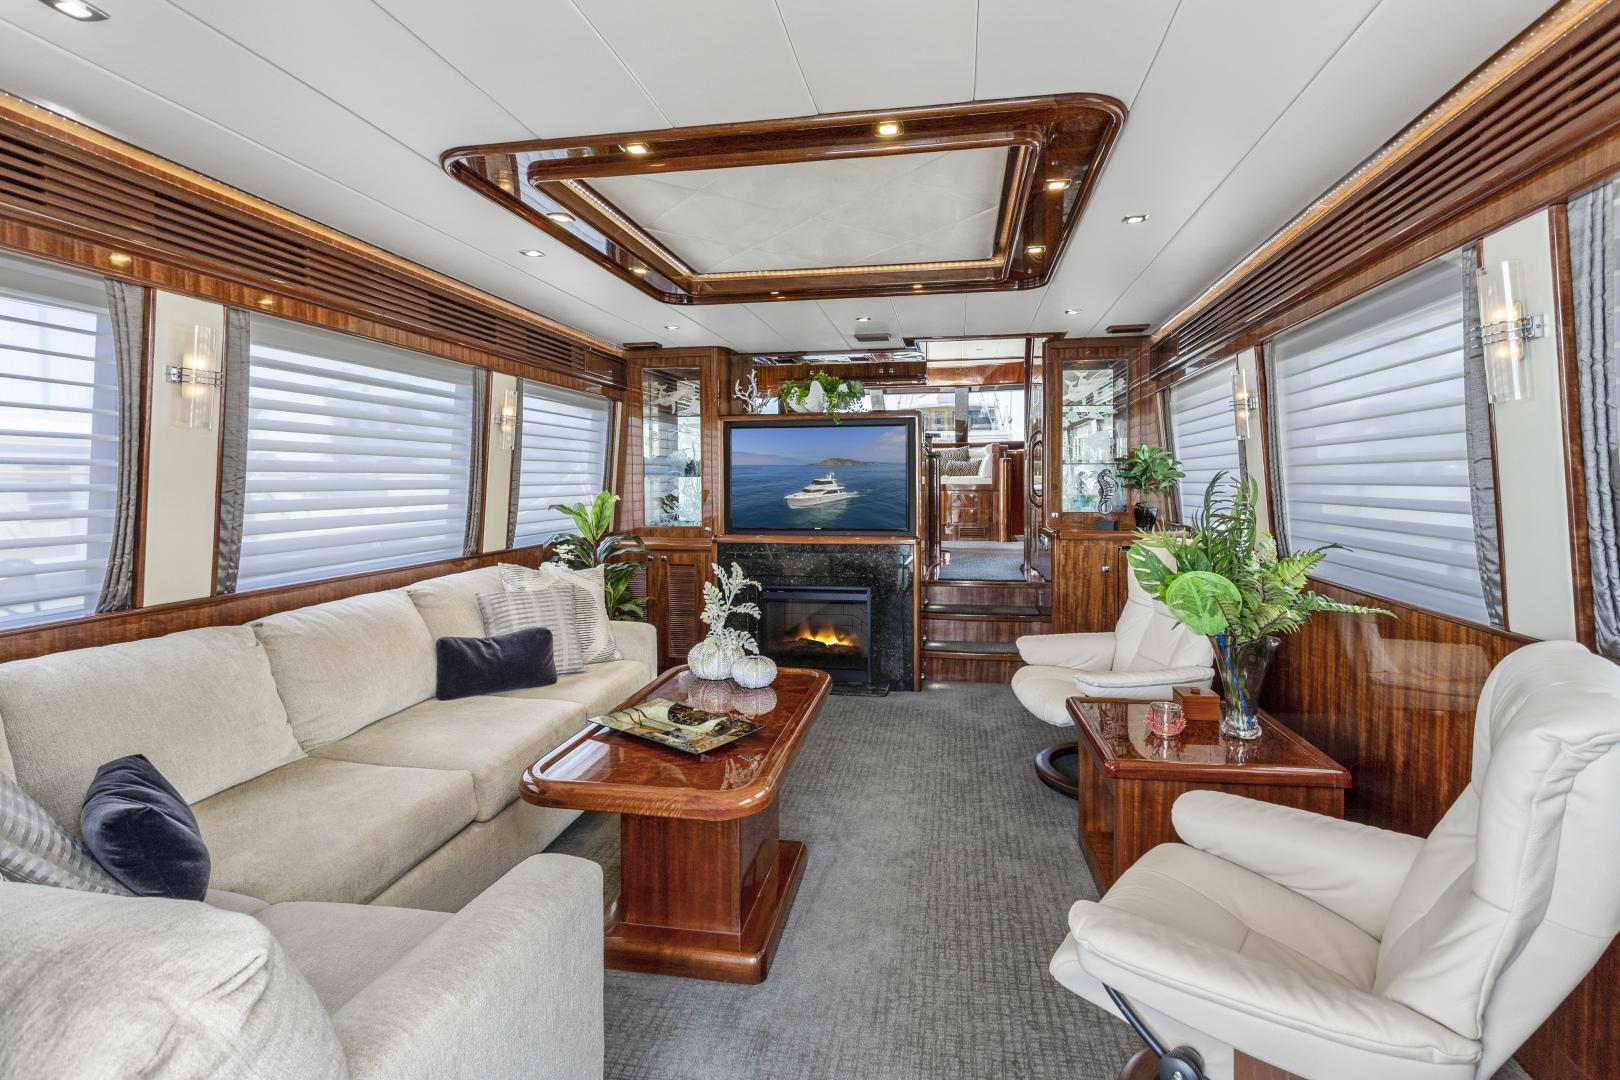 Hampton-76 Skylounge Motoryacht 2014-ODYSEA San Diego-California-United States-SALON-1165152 | Thumbnail